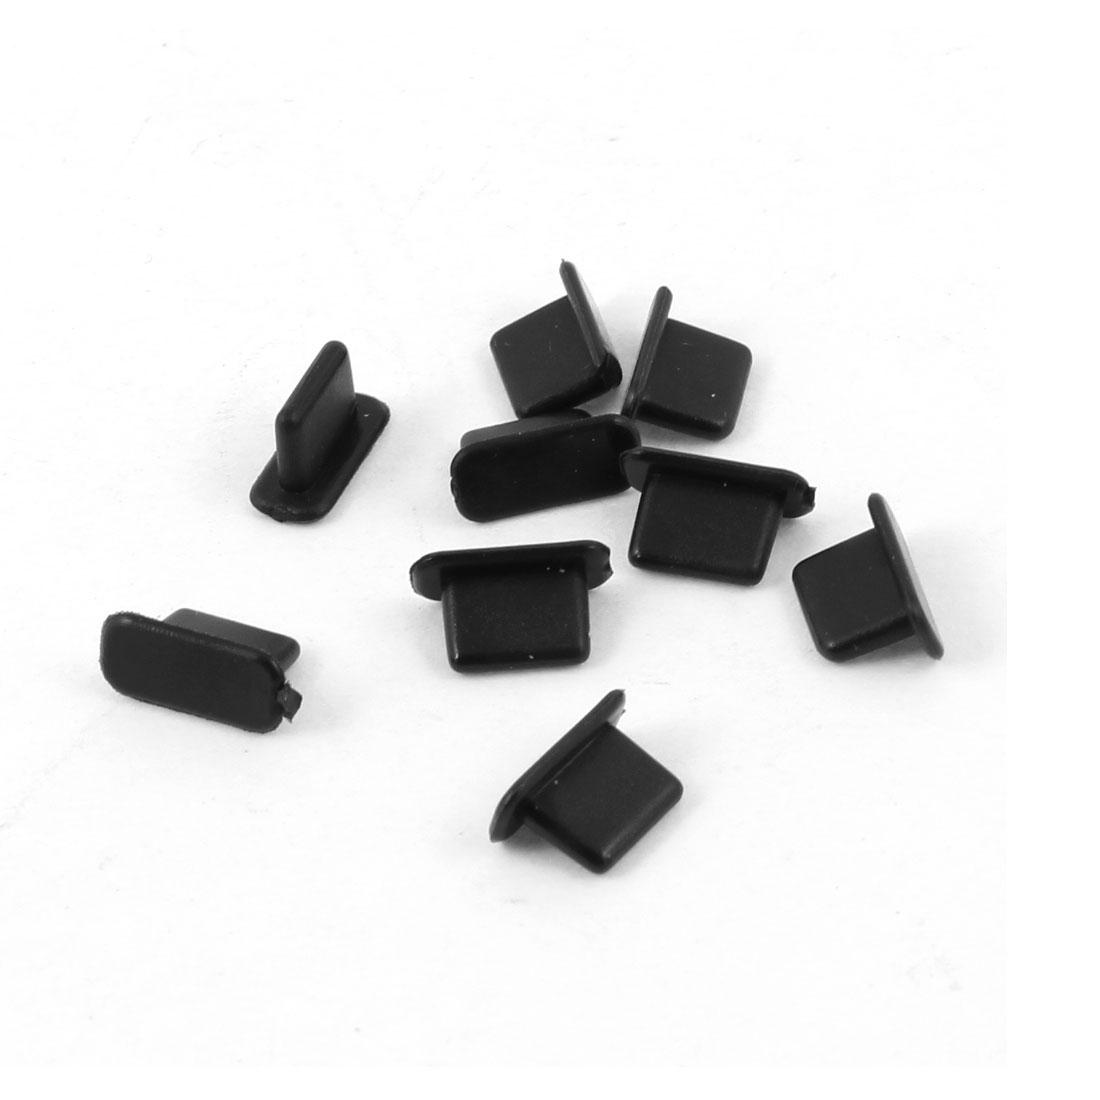 Portable Black Plastic Charge Port Dust Resistant Stopper Plug 9 Pcs